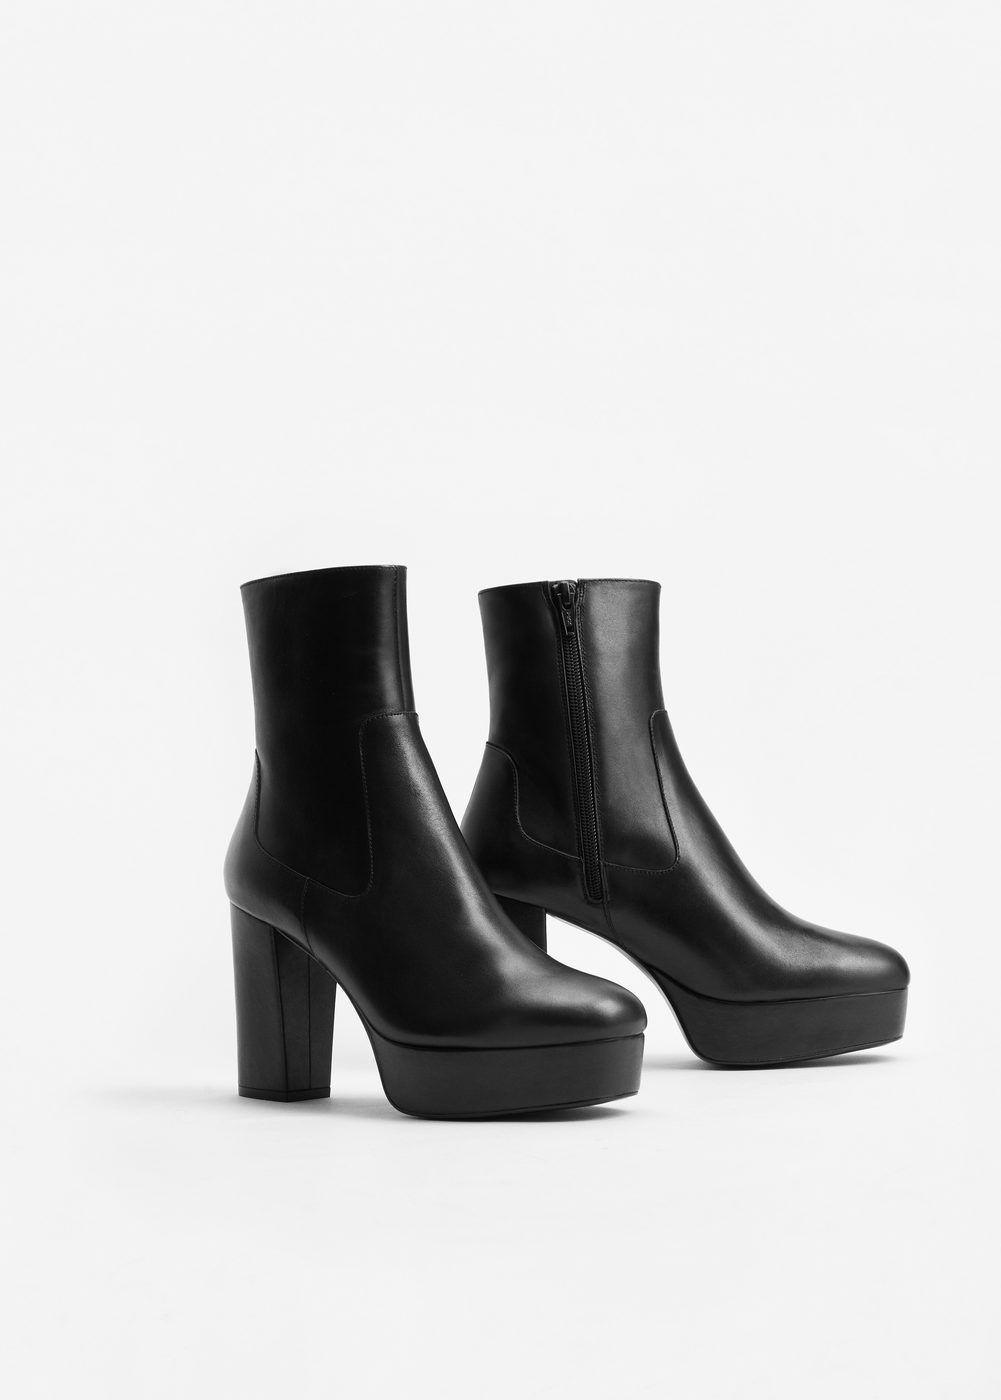 bottines cuir plateforme | chaussures pour femmes, mango france et